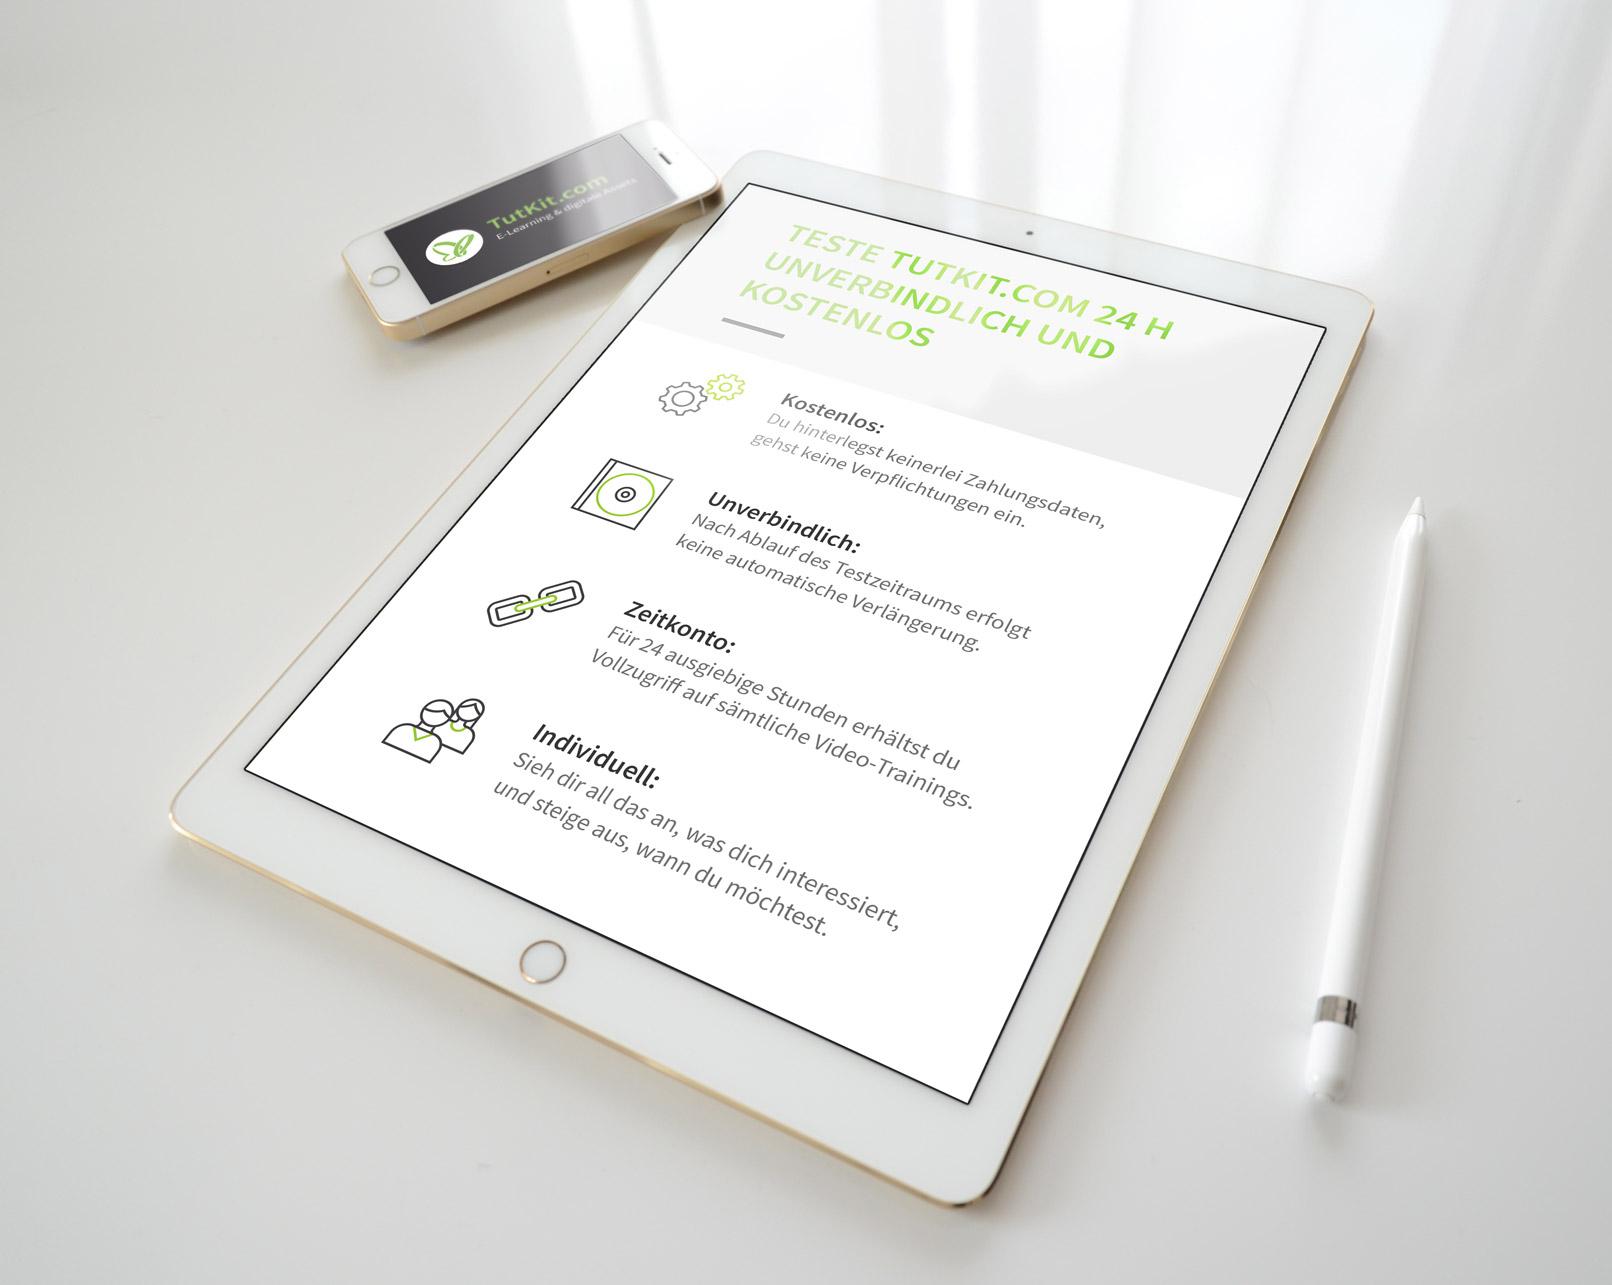 Tablet mit Webseite und Interface-Icons zur Strukturierung